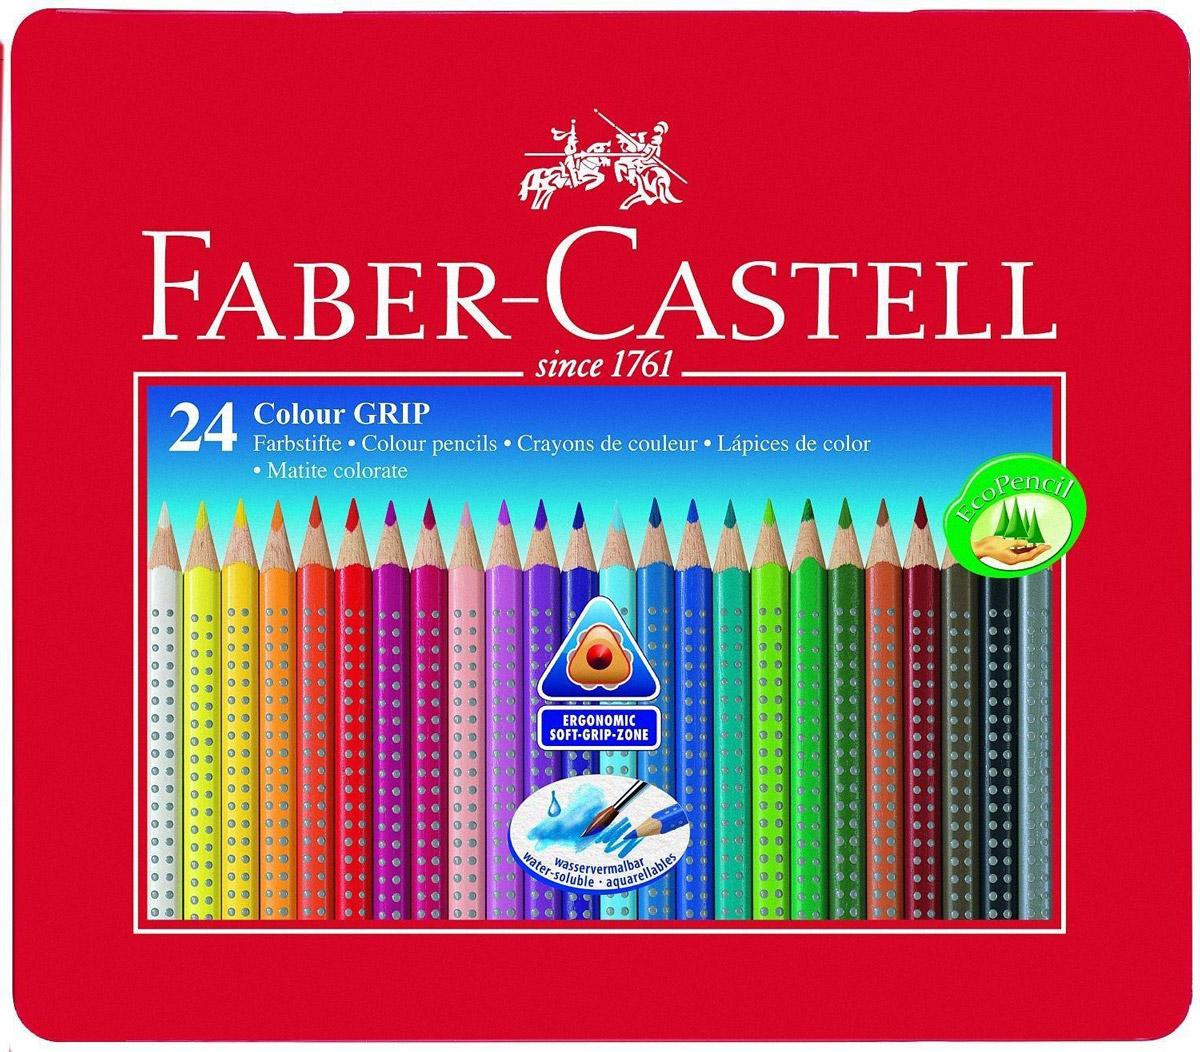 Faber-Castell Цветные карандаши Grip 24 шт72523WDЦветные карандаши Faber-Castell Grip станут незаменимым инструментом для начинающих и профессиональных художников. В набор входят 24 карандашей разных цветов.Особенности карандашей:запатентованная GRIP-антискользящая зона захвата с малыми массажными шашечками;яркие, насыщенные цвета; размываемый водой грифель; специальное место для имени; отстирываются с большинства обычных тканей; специальная технология вклеивания (SV)предотвращает поломку грифеля; покрыты лаком на водной основе - бережным по отношению к окружающей среде и здоровью детей; качественное, мягкое дерево - гарантия легкого затачивания при помощи стандартных точилок; эргономичная трехгранная форма.Набор цветных карандашей - это практичный художественный инструмент, который поможет вам в создании самых выразительных произведений.